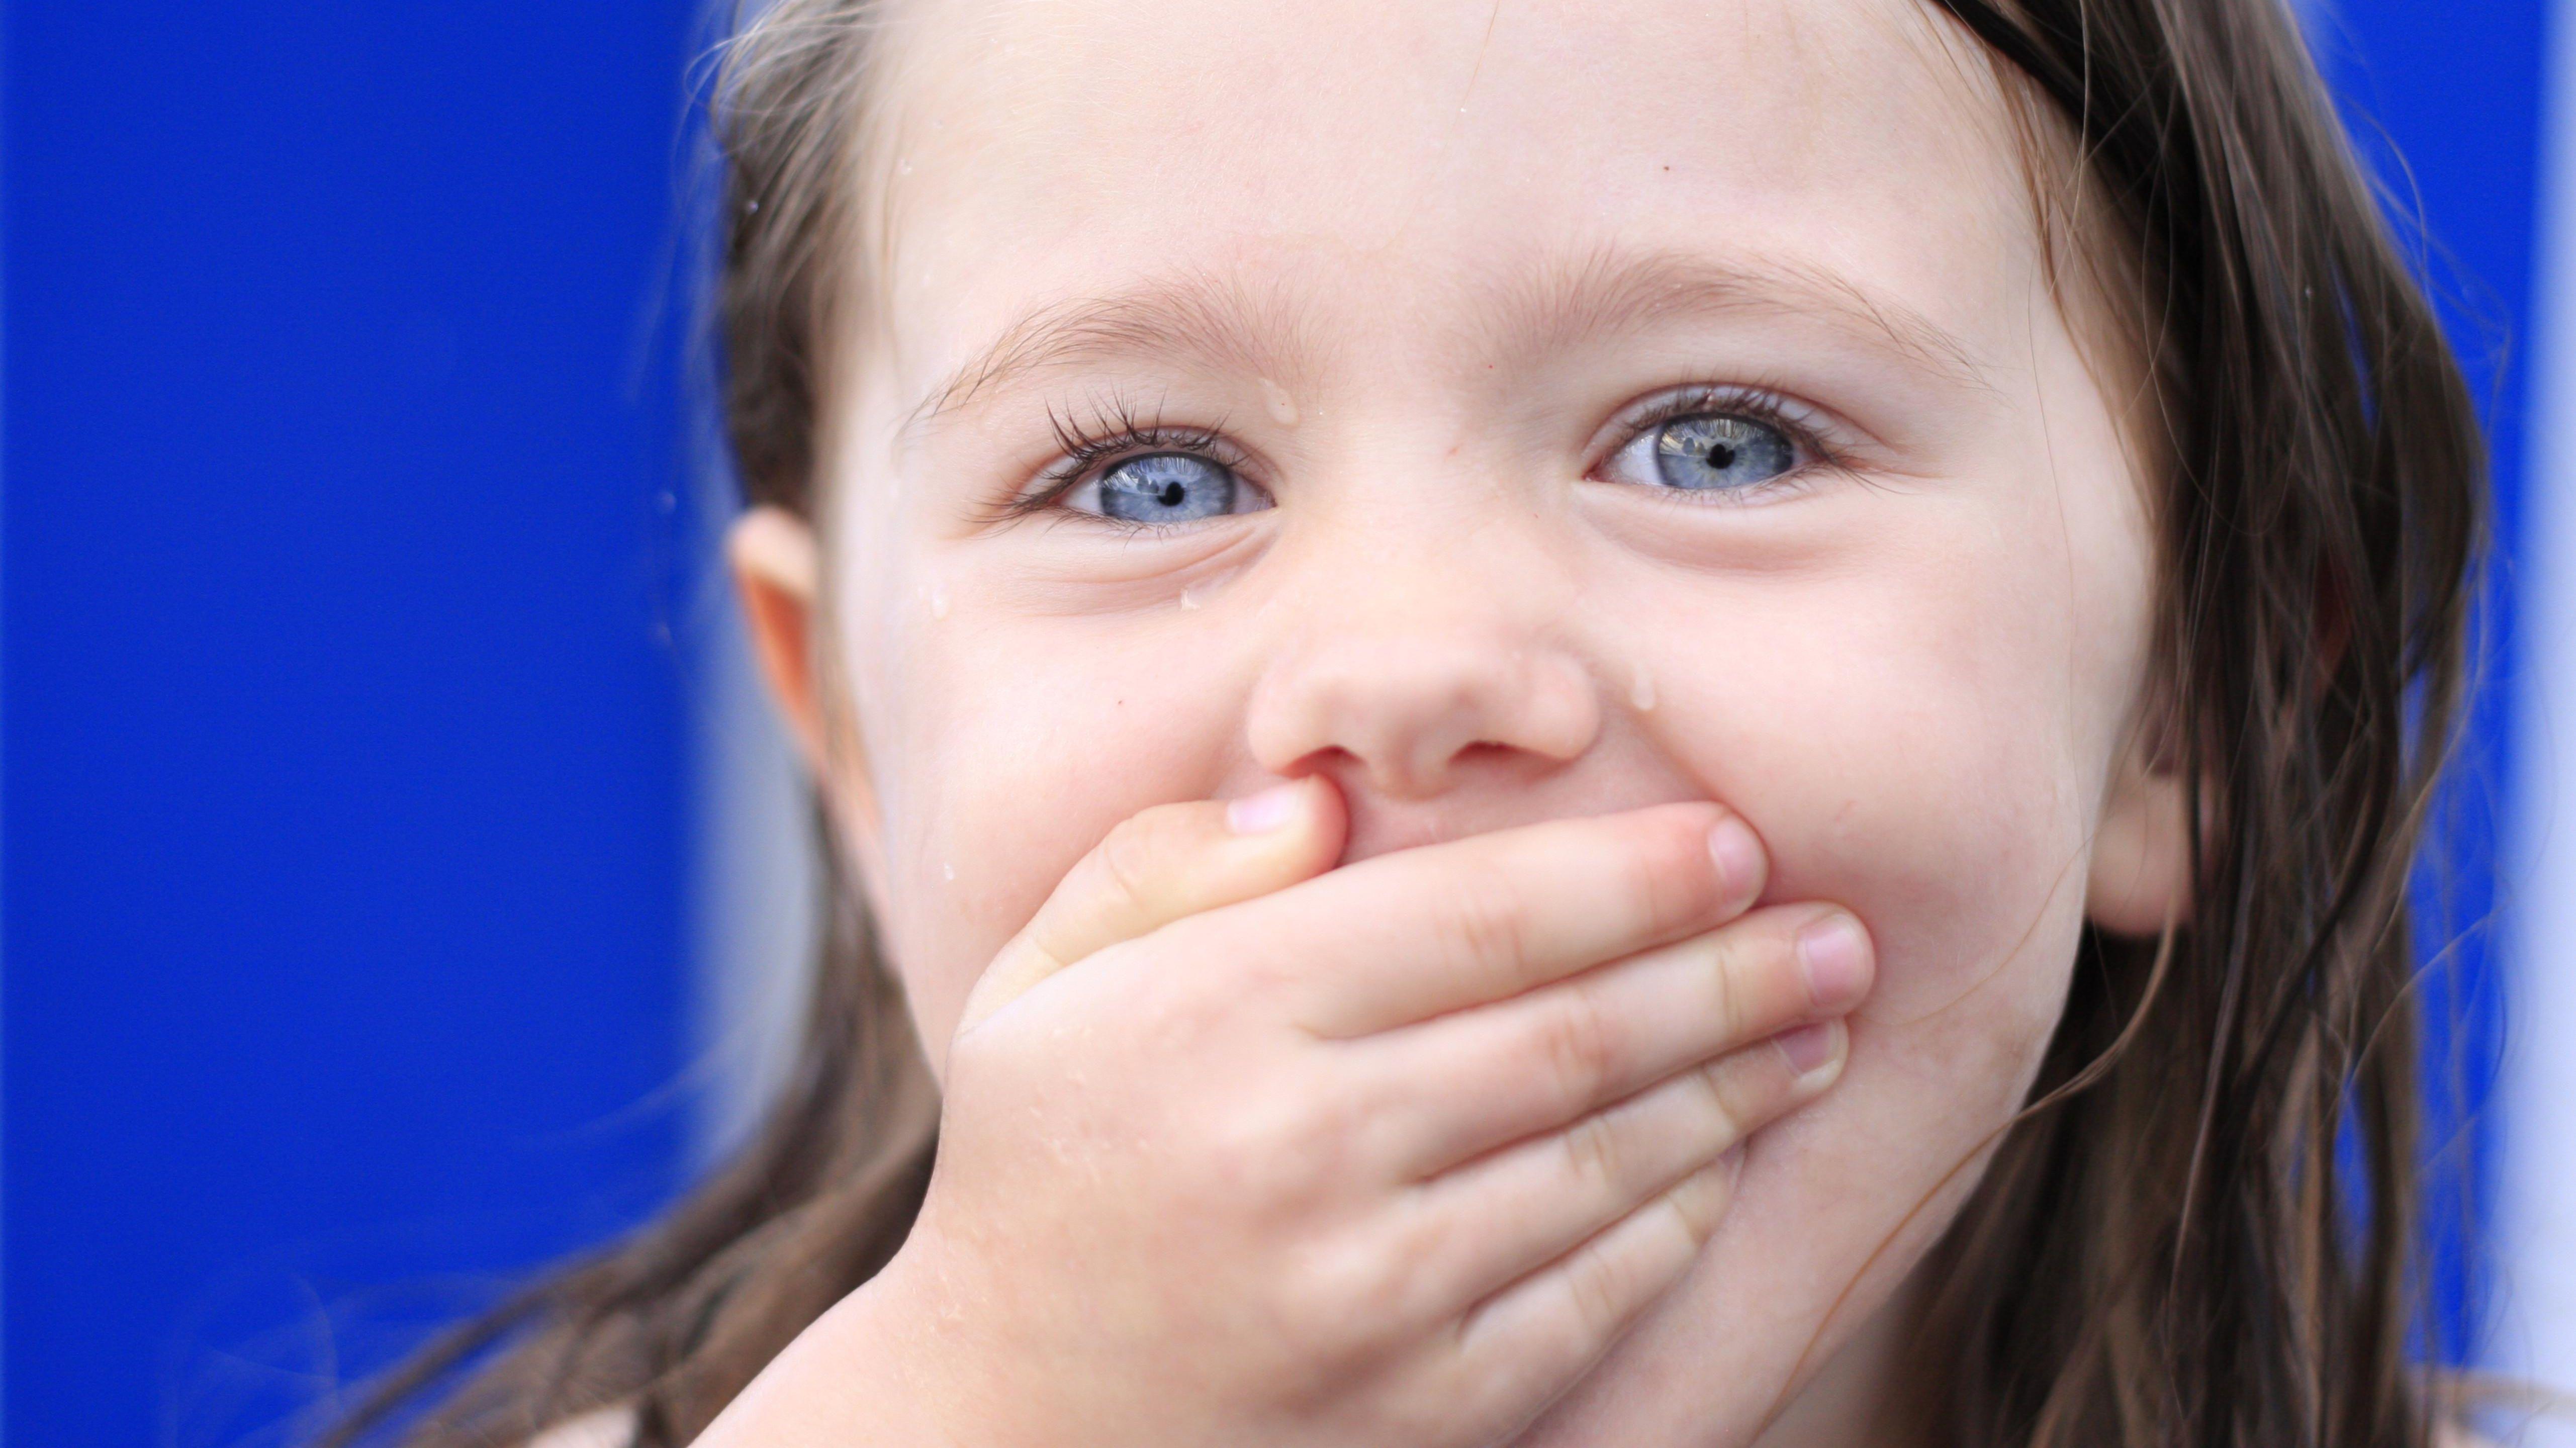 Mädchen hält sich den Mund zu